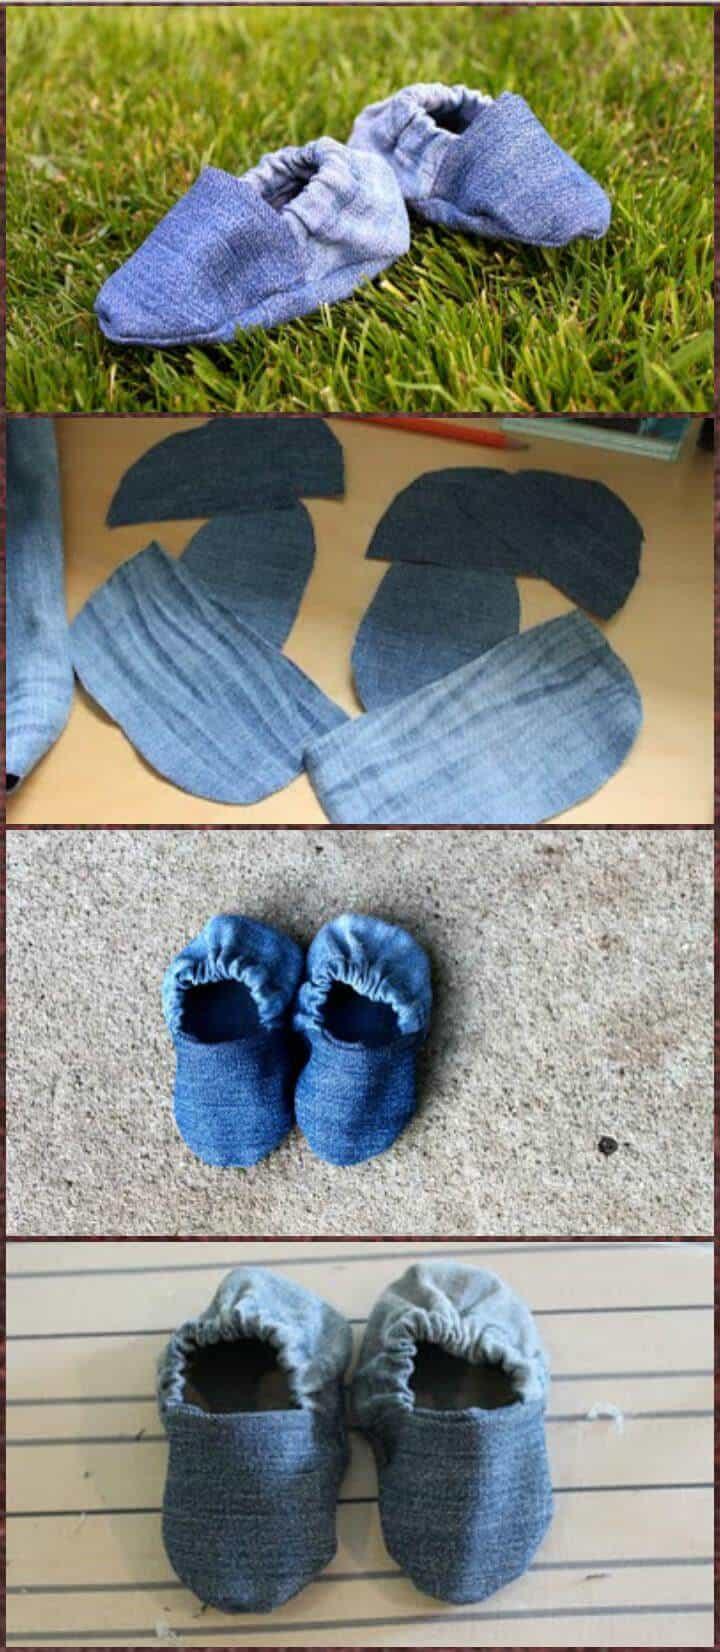 zapatos de bebé de mezclilla viejos recuperados